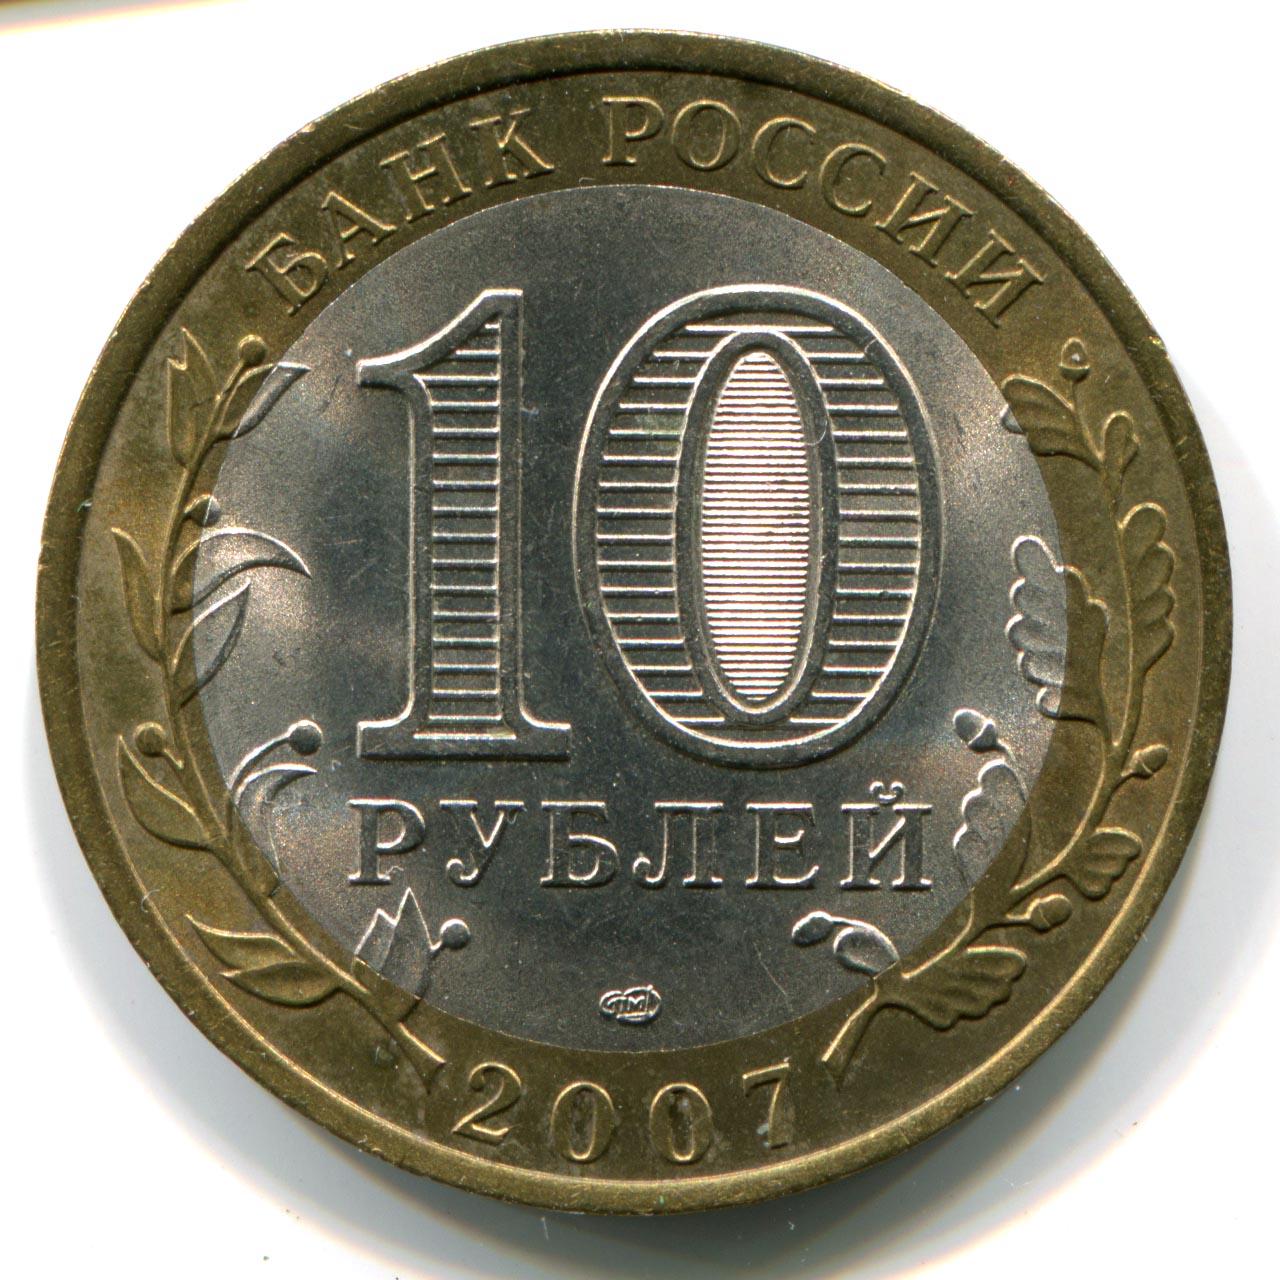 компьютерных технологий российские монеты картинки при умелом использовании